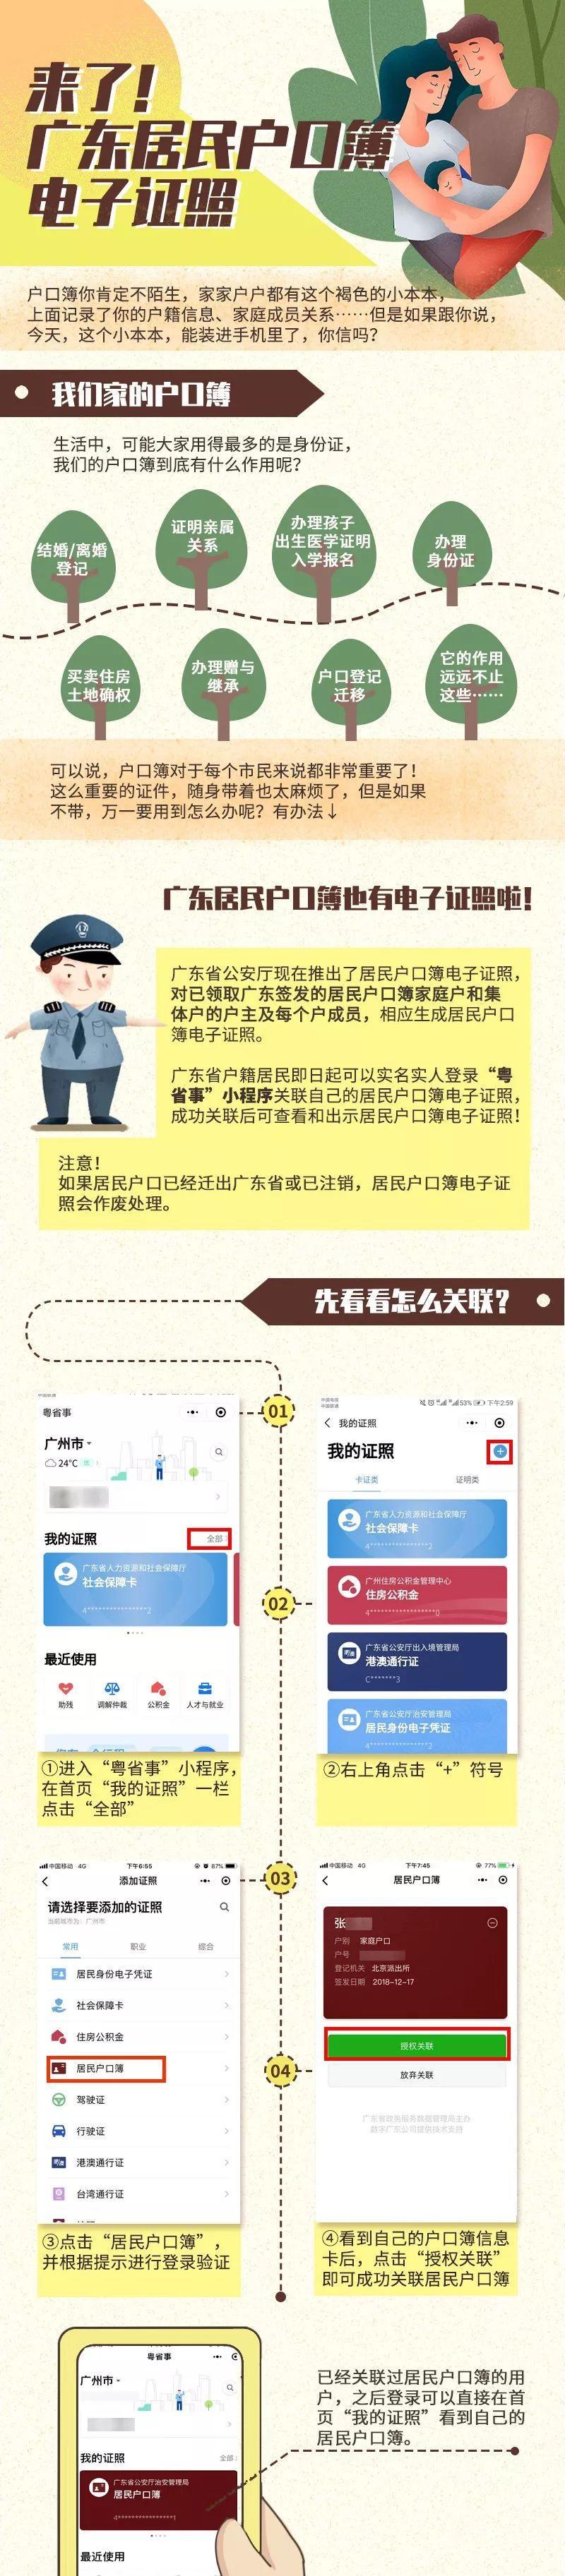 重磅上线!广东居民户口簿也有电子证照啦!马上关联你家的→